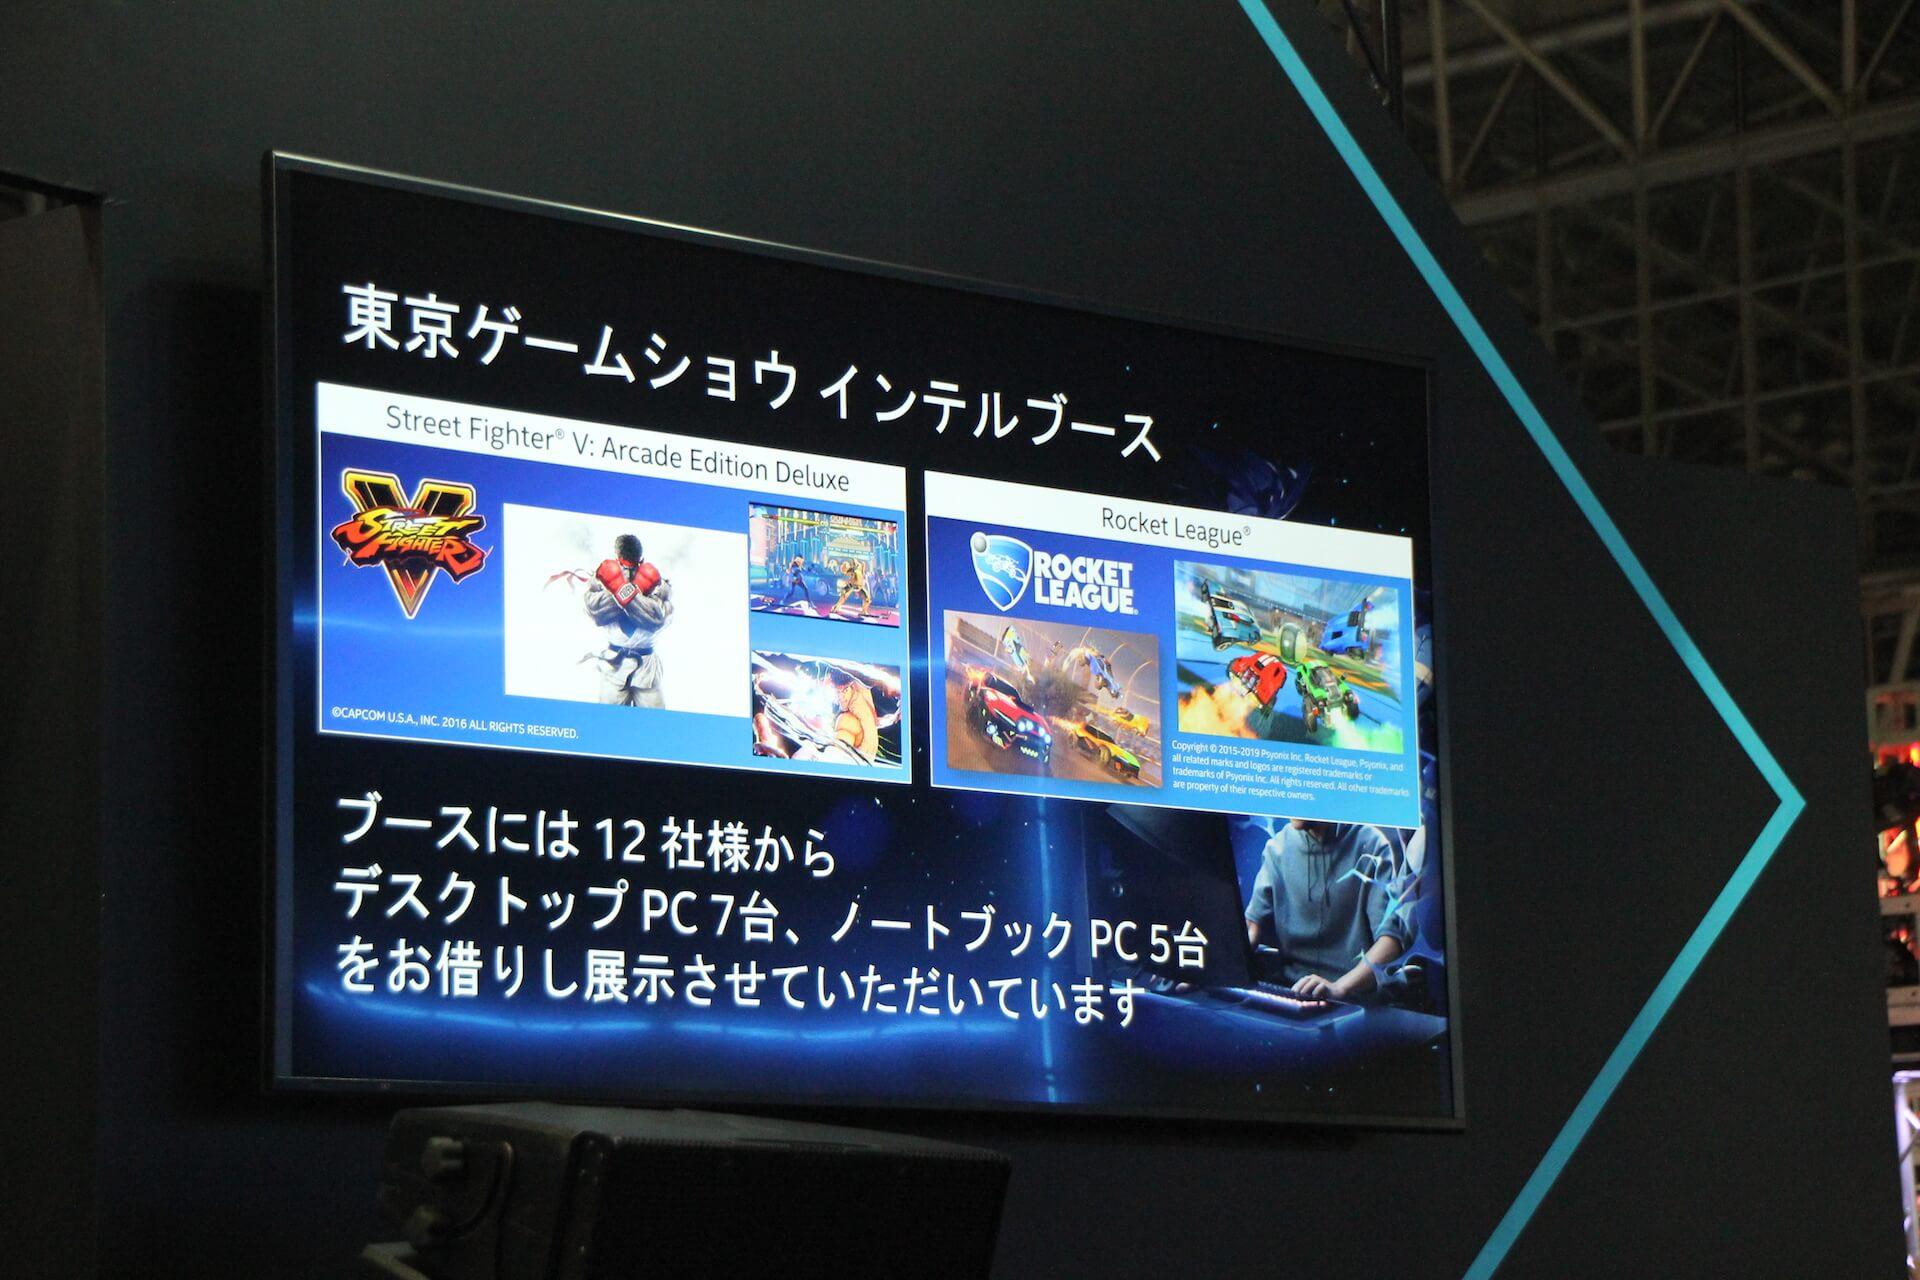 「東京ゲームショウ 2019」インテルが「Intel World Open」開催を発表「日本でeスポーツの裾野を広げるため」 tech190918_tokyogameshow2019_5